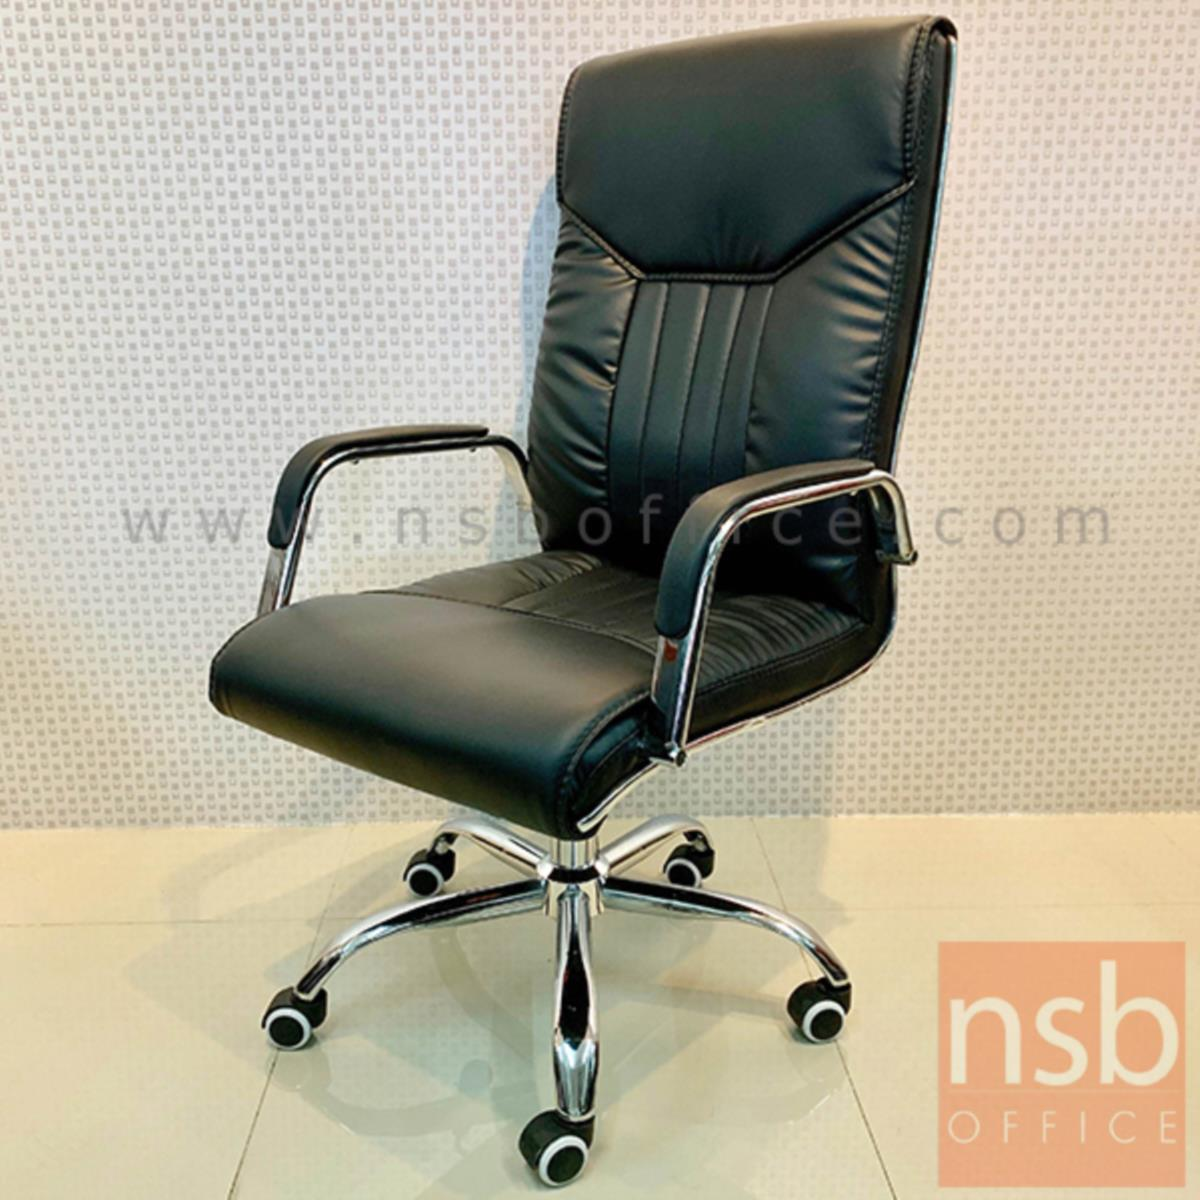 เก้าอี้ผู้บริหาร รุ่น Caldwell (คาลด์เวลล์)  โช๊คแก๊ส ก้อนโยก ขาเหล็กชุบโครเมี่ยม